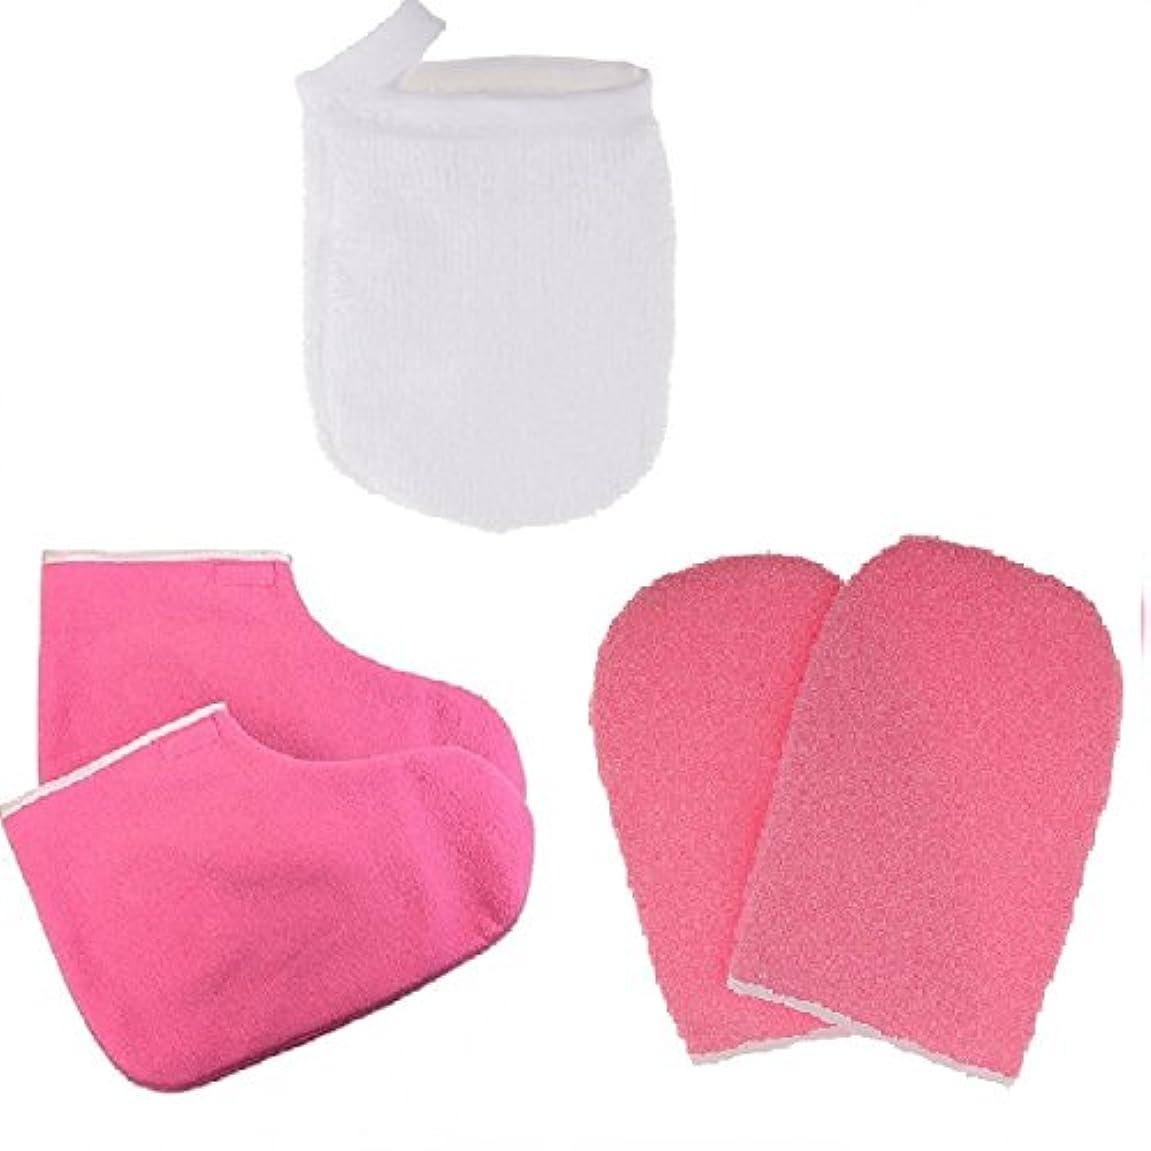 蒸留フラスコきらめくB Blesiya グローブ パラフィンワックス保護手袋 メイクリムーバー パッド パラフィンワックス手袋